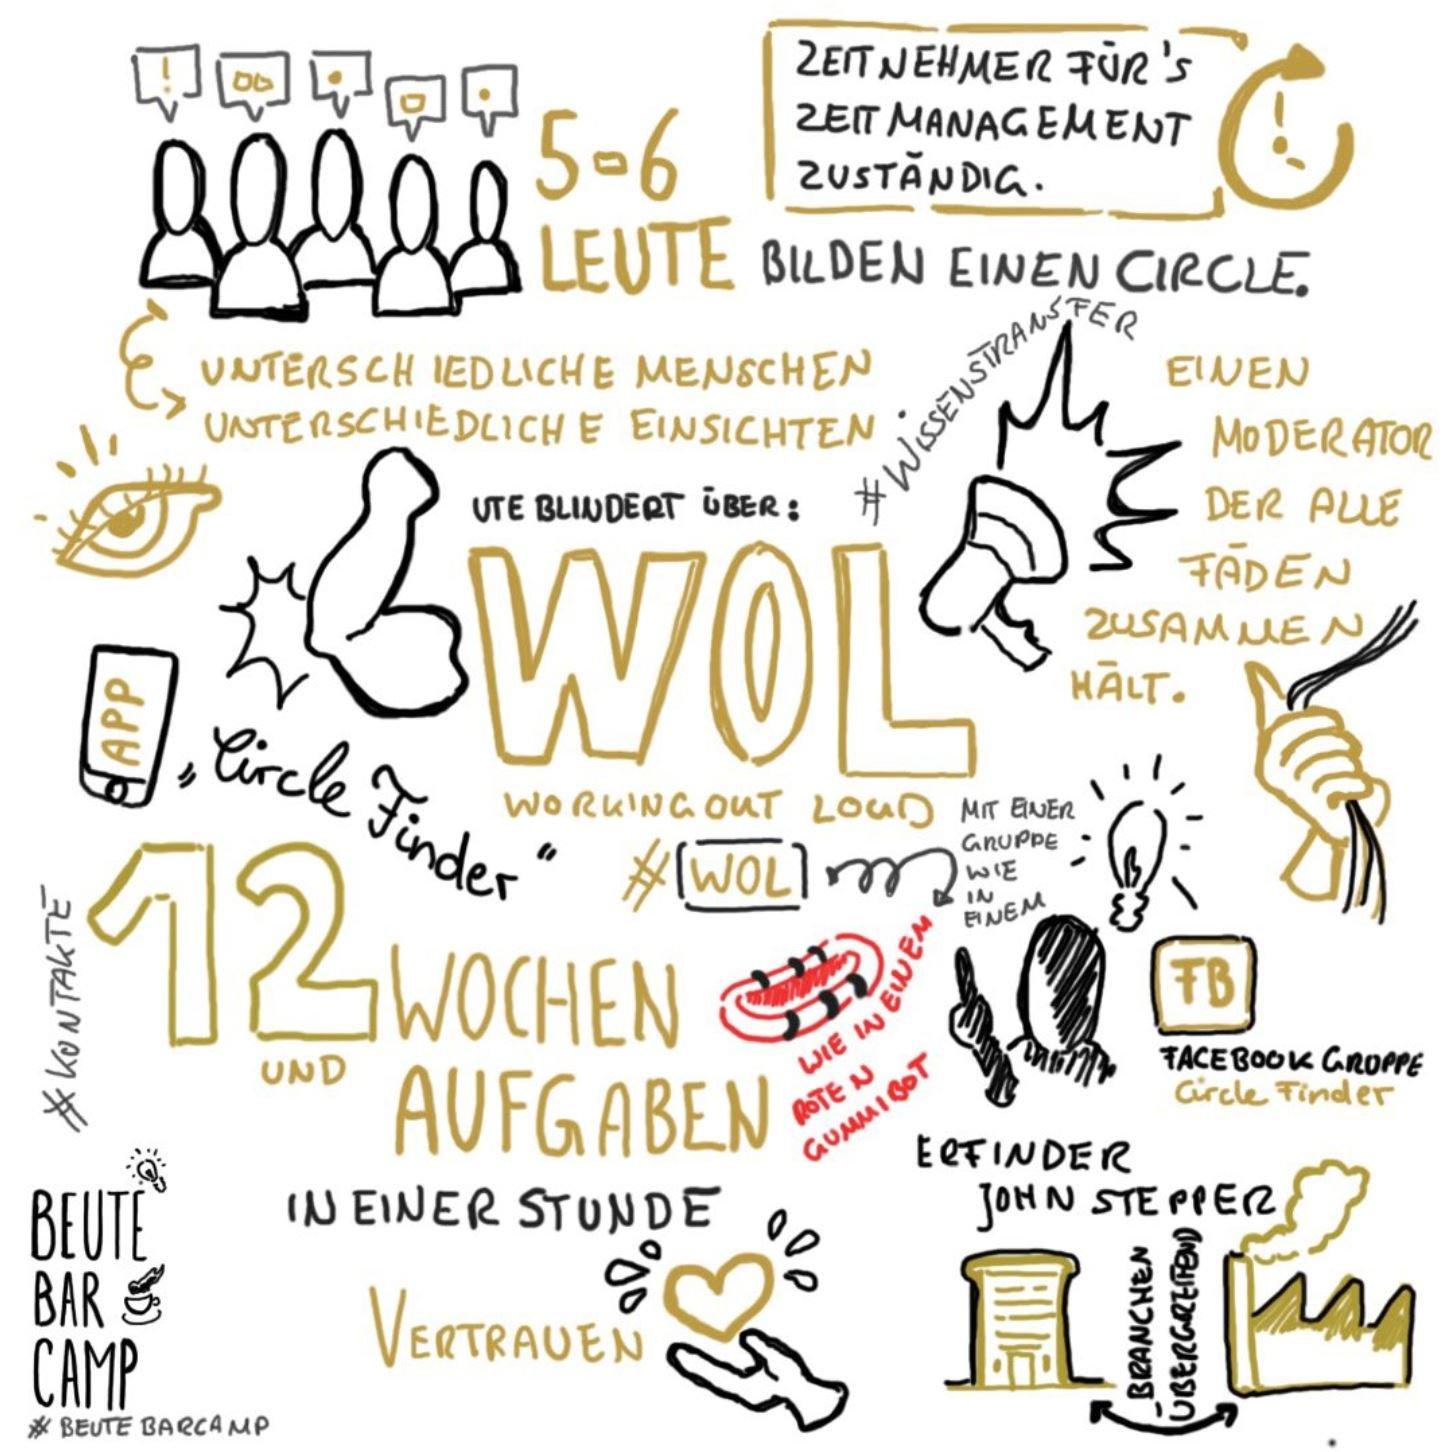 stephanie-kowalski-sketchnote-beutebarcamp-wol